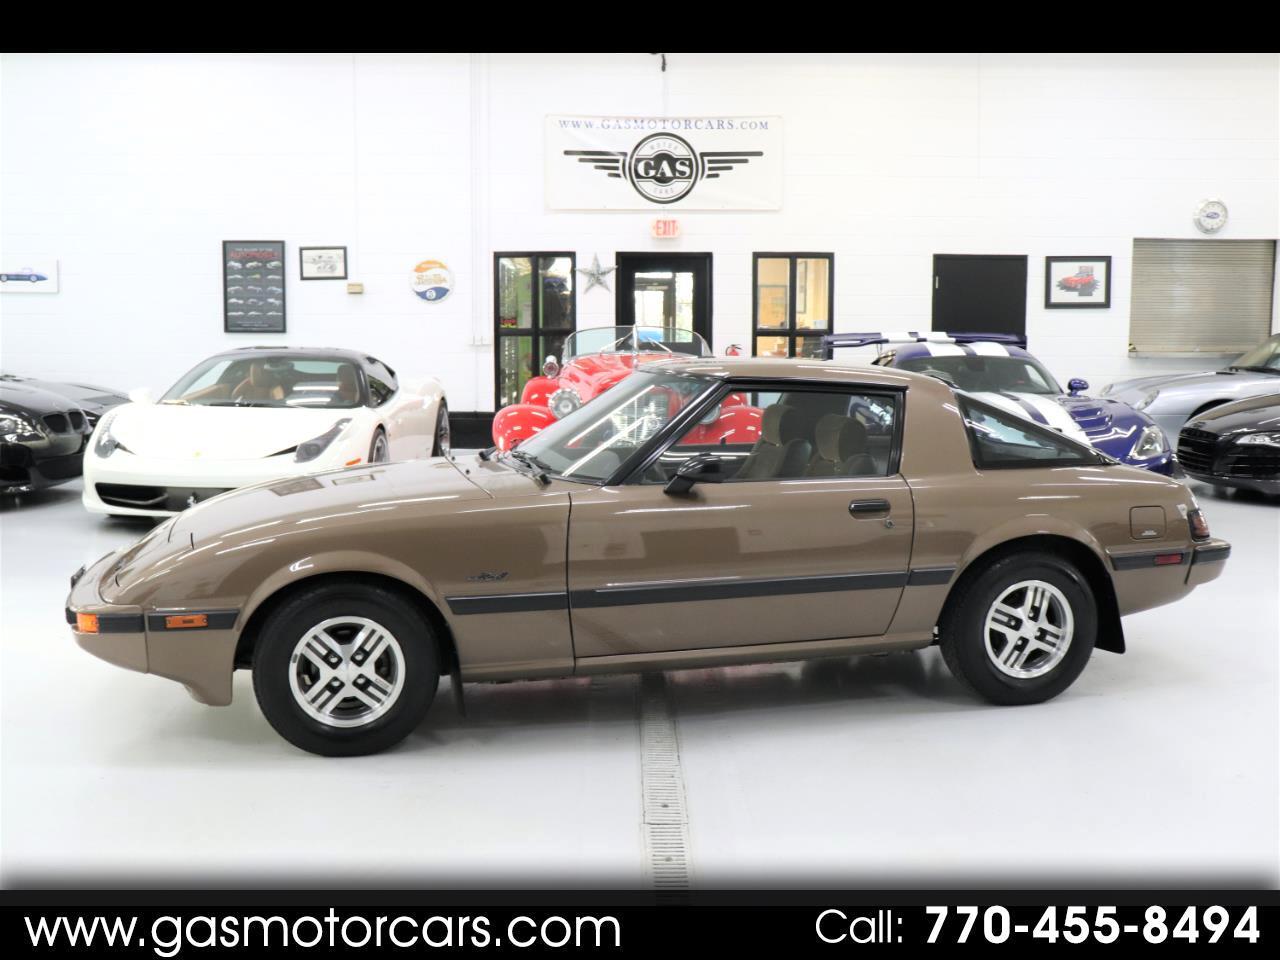 1985 Mazda RX-7 GS